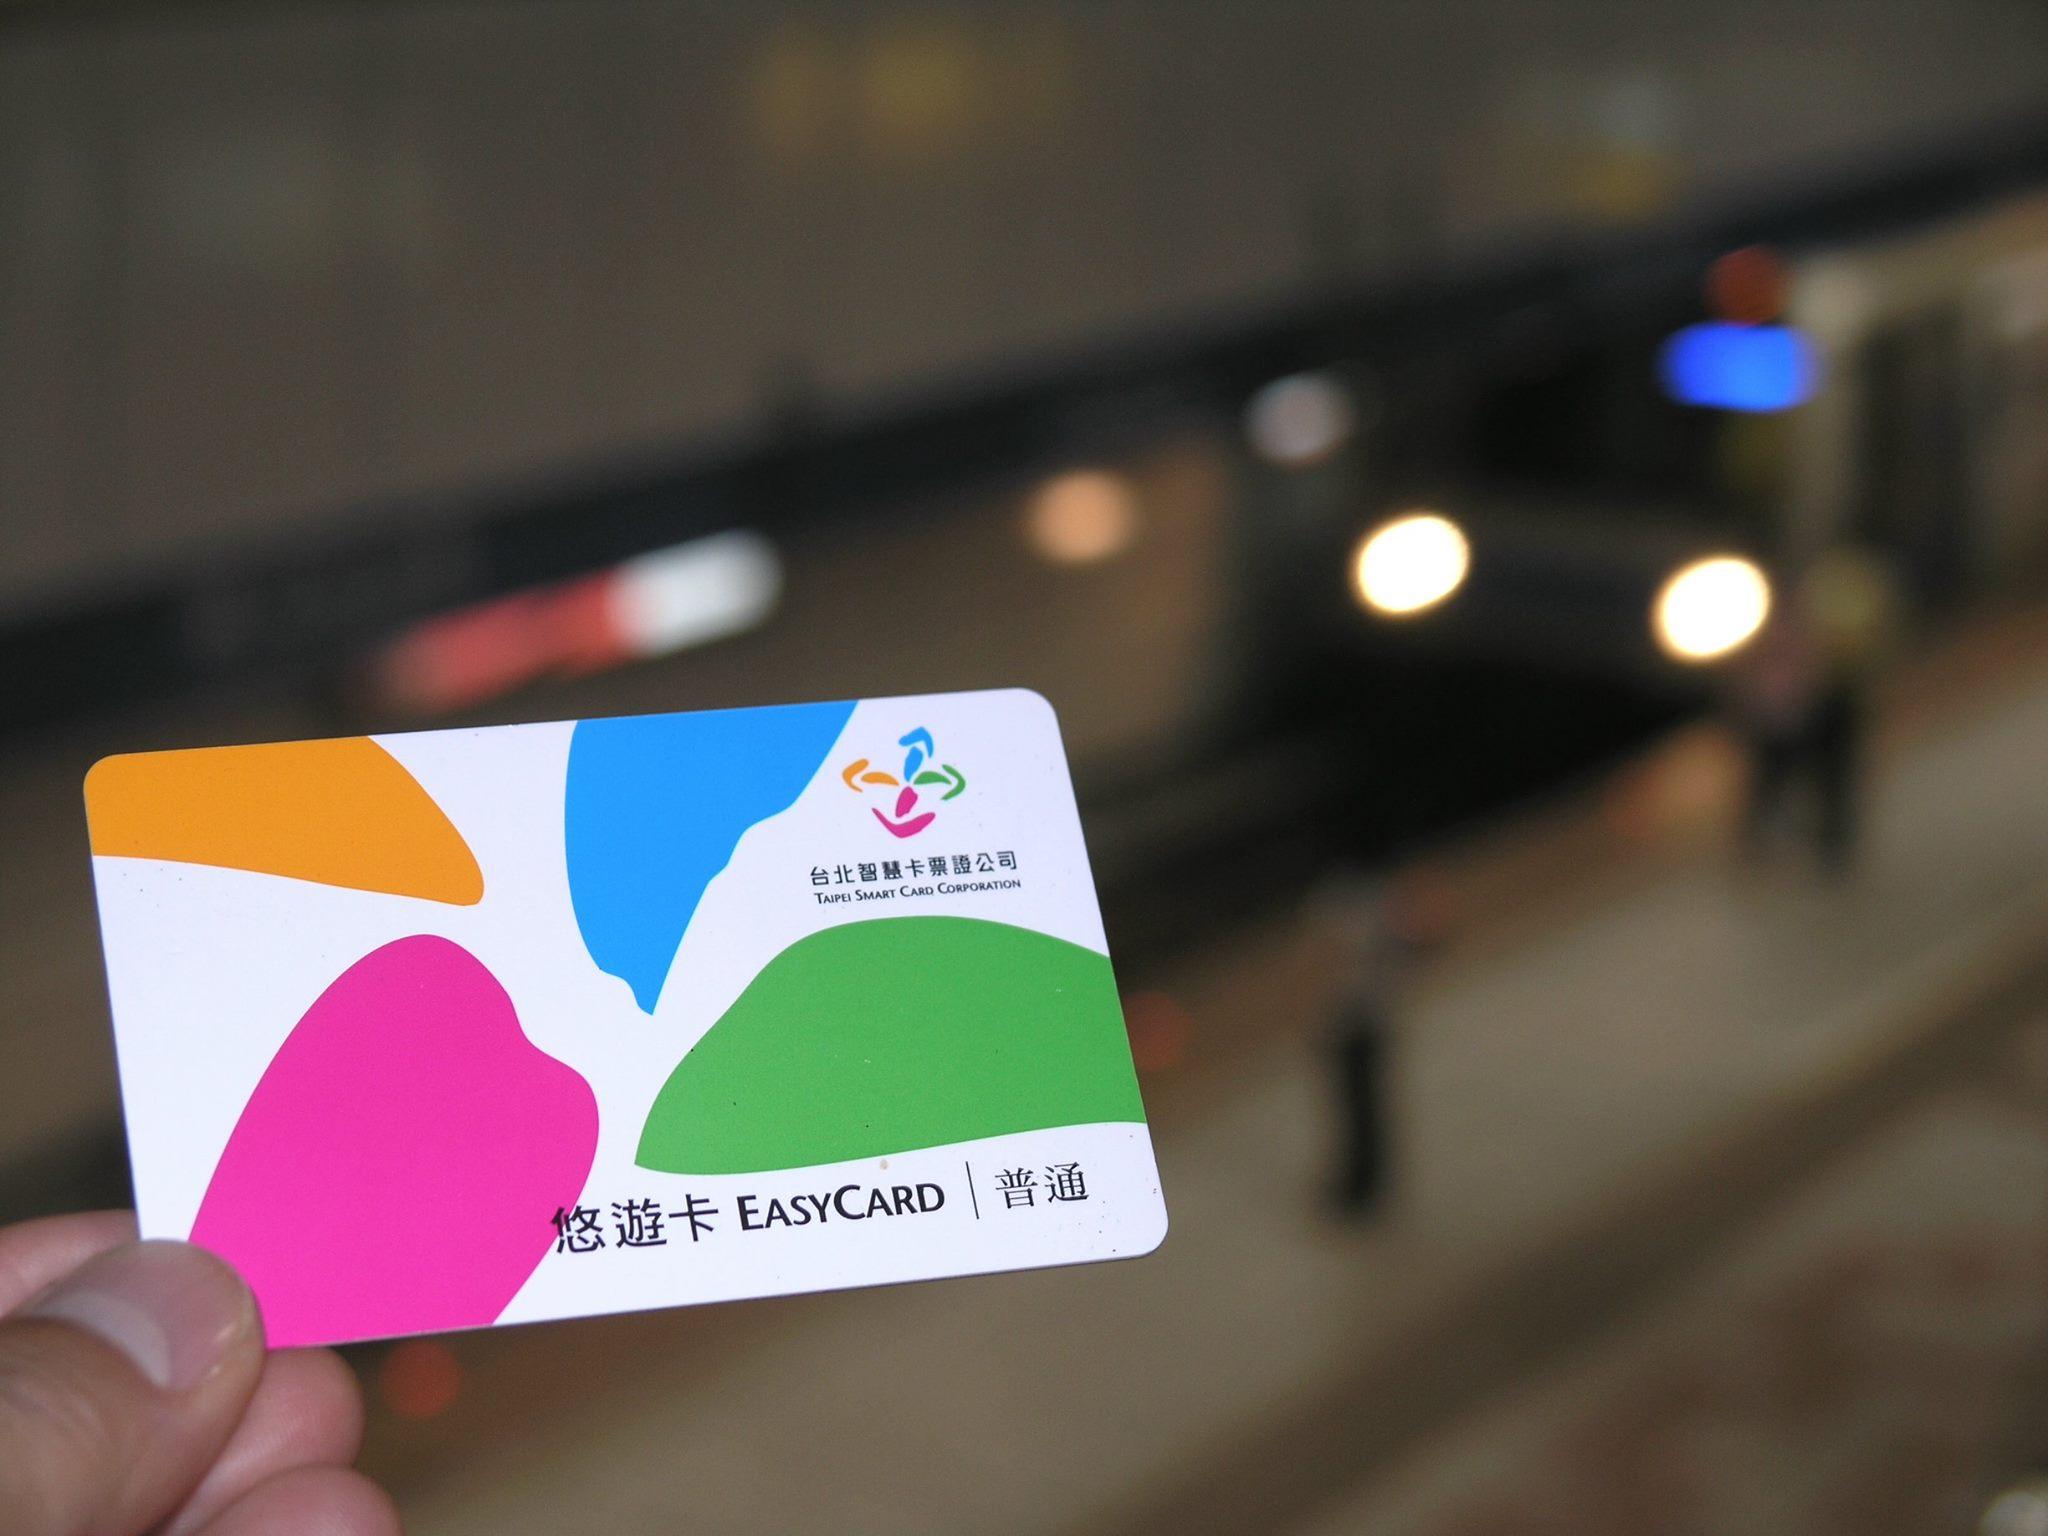 台湾mrt_悠遊カード